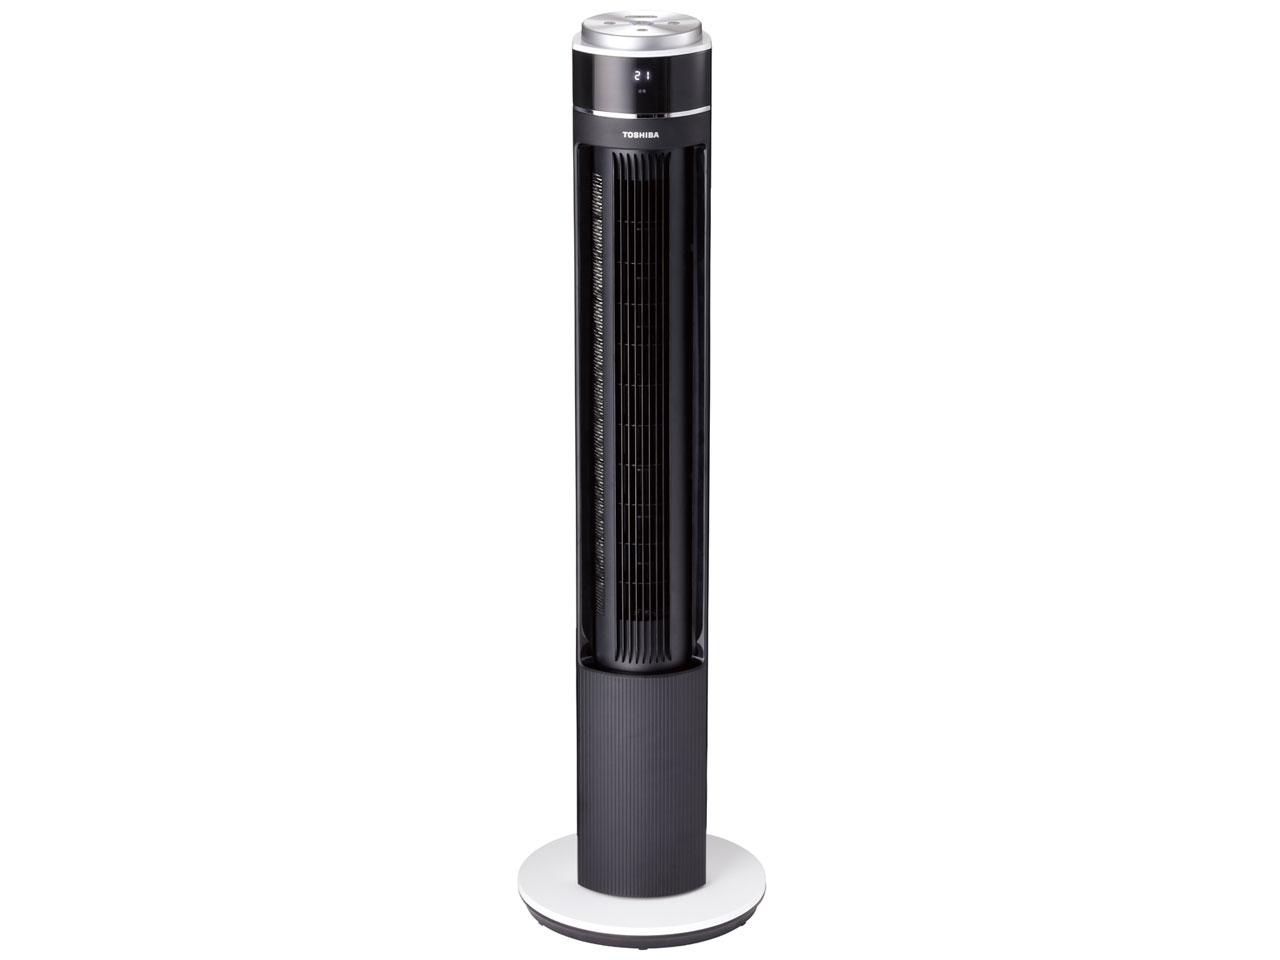 【新品】【送料無料】東芝 DCモーター採用 タワー型扇風機 F-DTW70-W 【大型家電-代引不可-キャセル不可-返品不可-佐川急便配送】【北海道・沖縄・離島は追加送料がかかります】